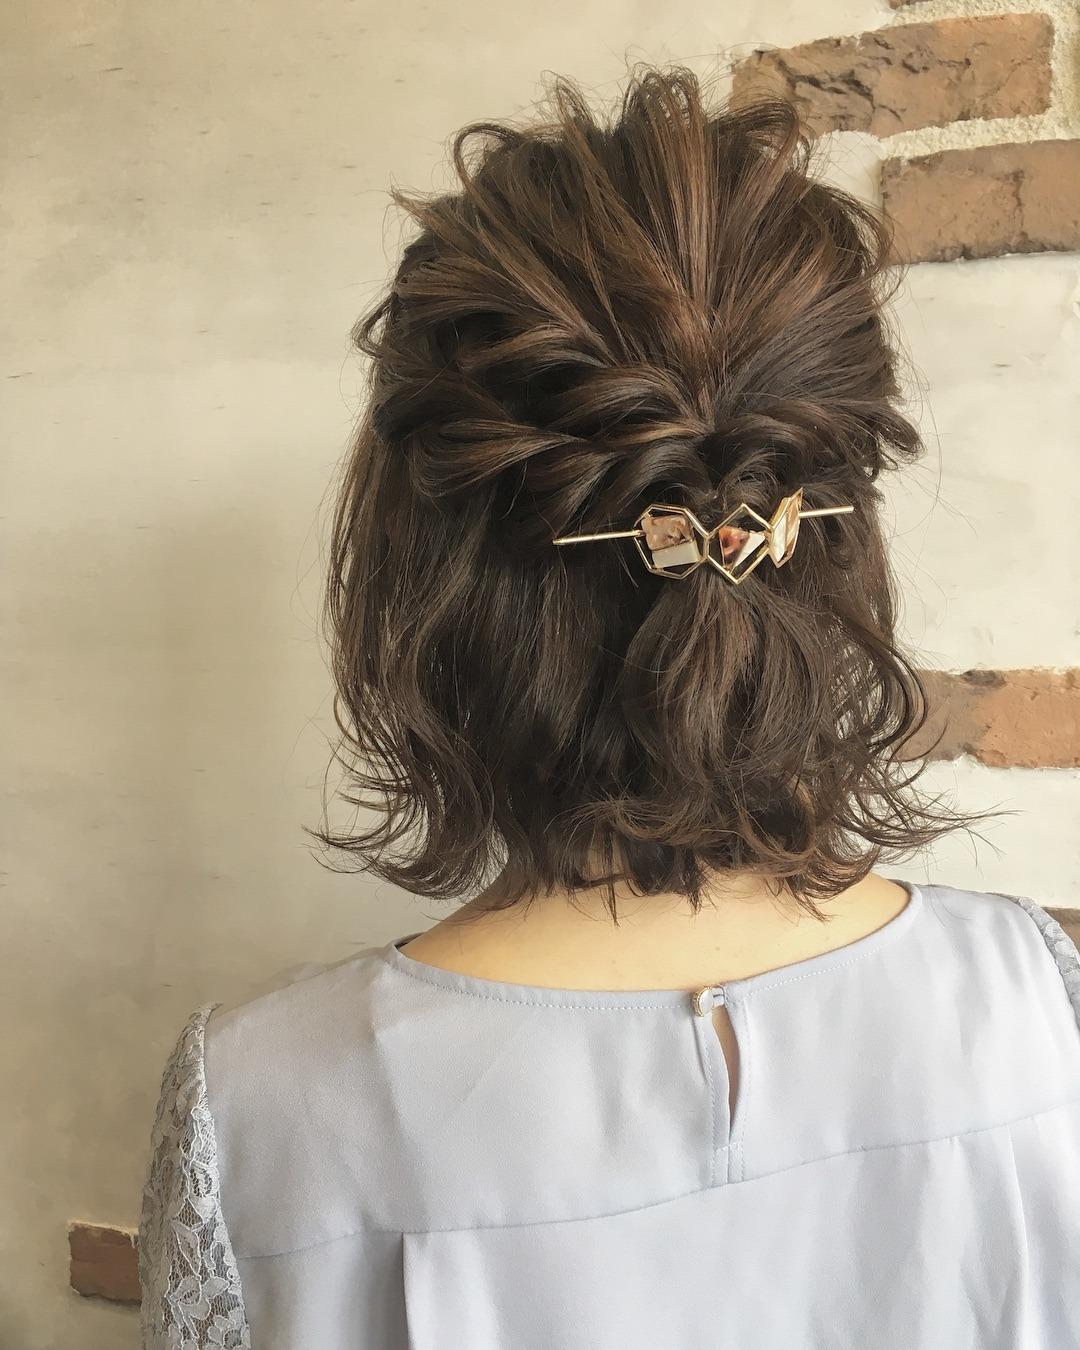 入学式におすすめのママ キッズの髪型は アレンジアイテムも紹介